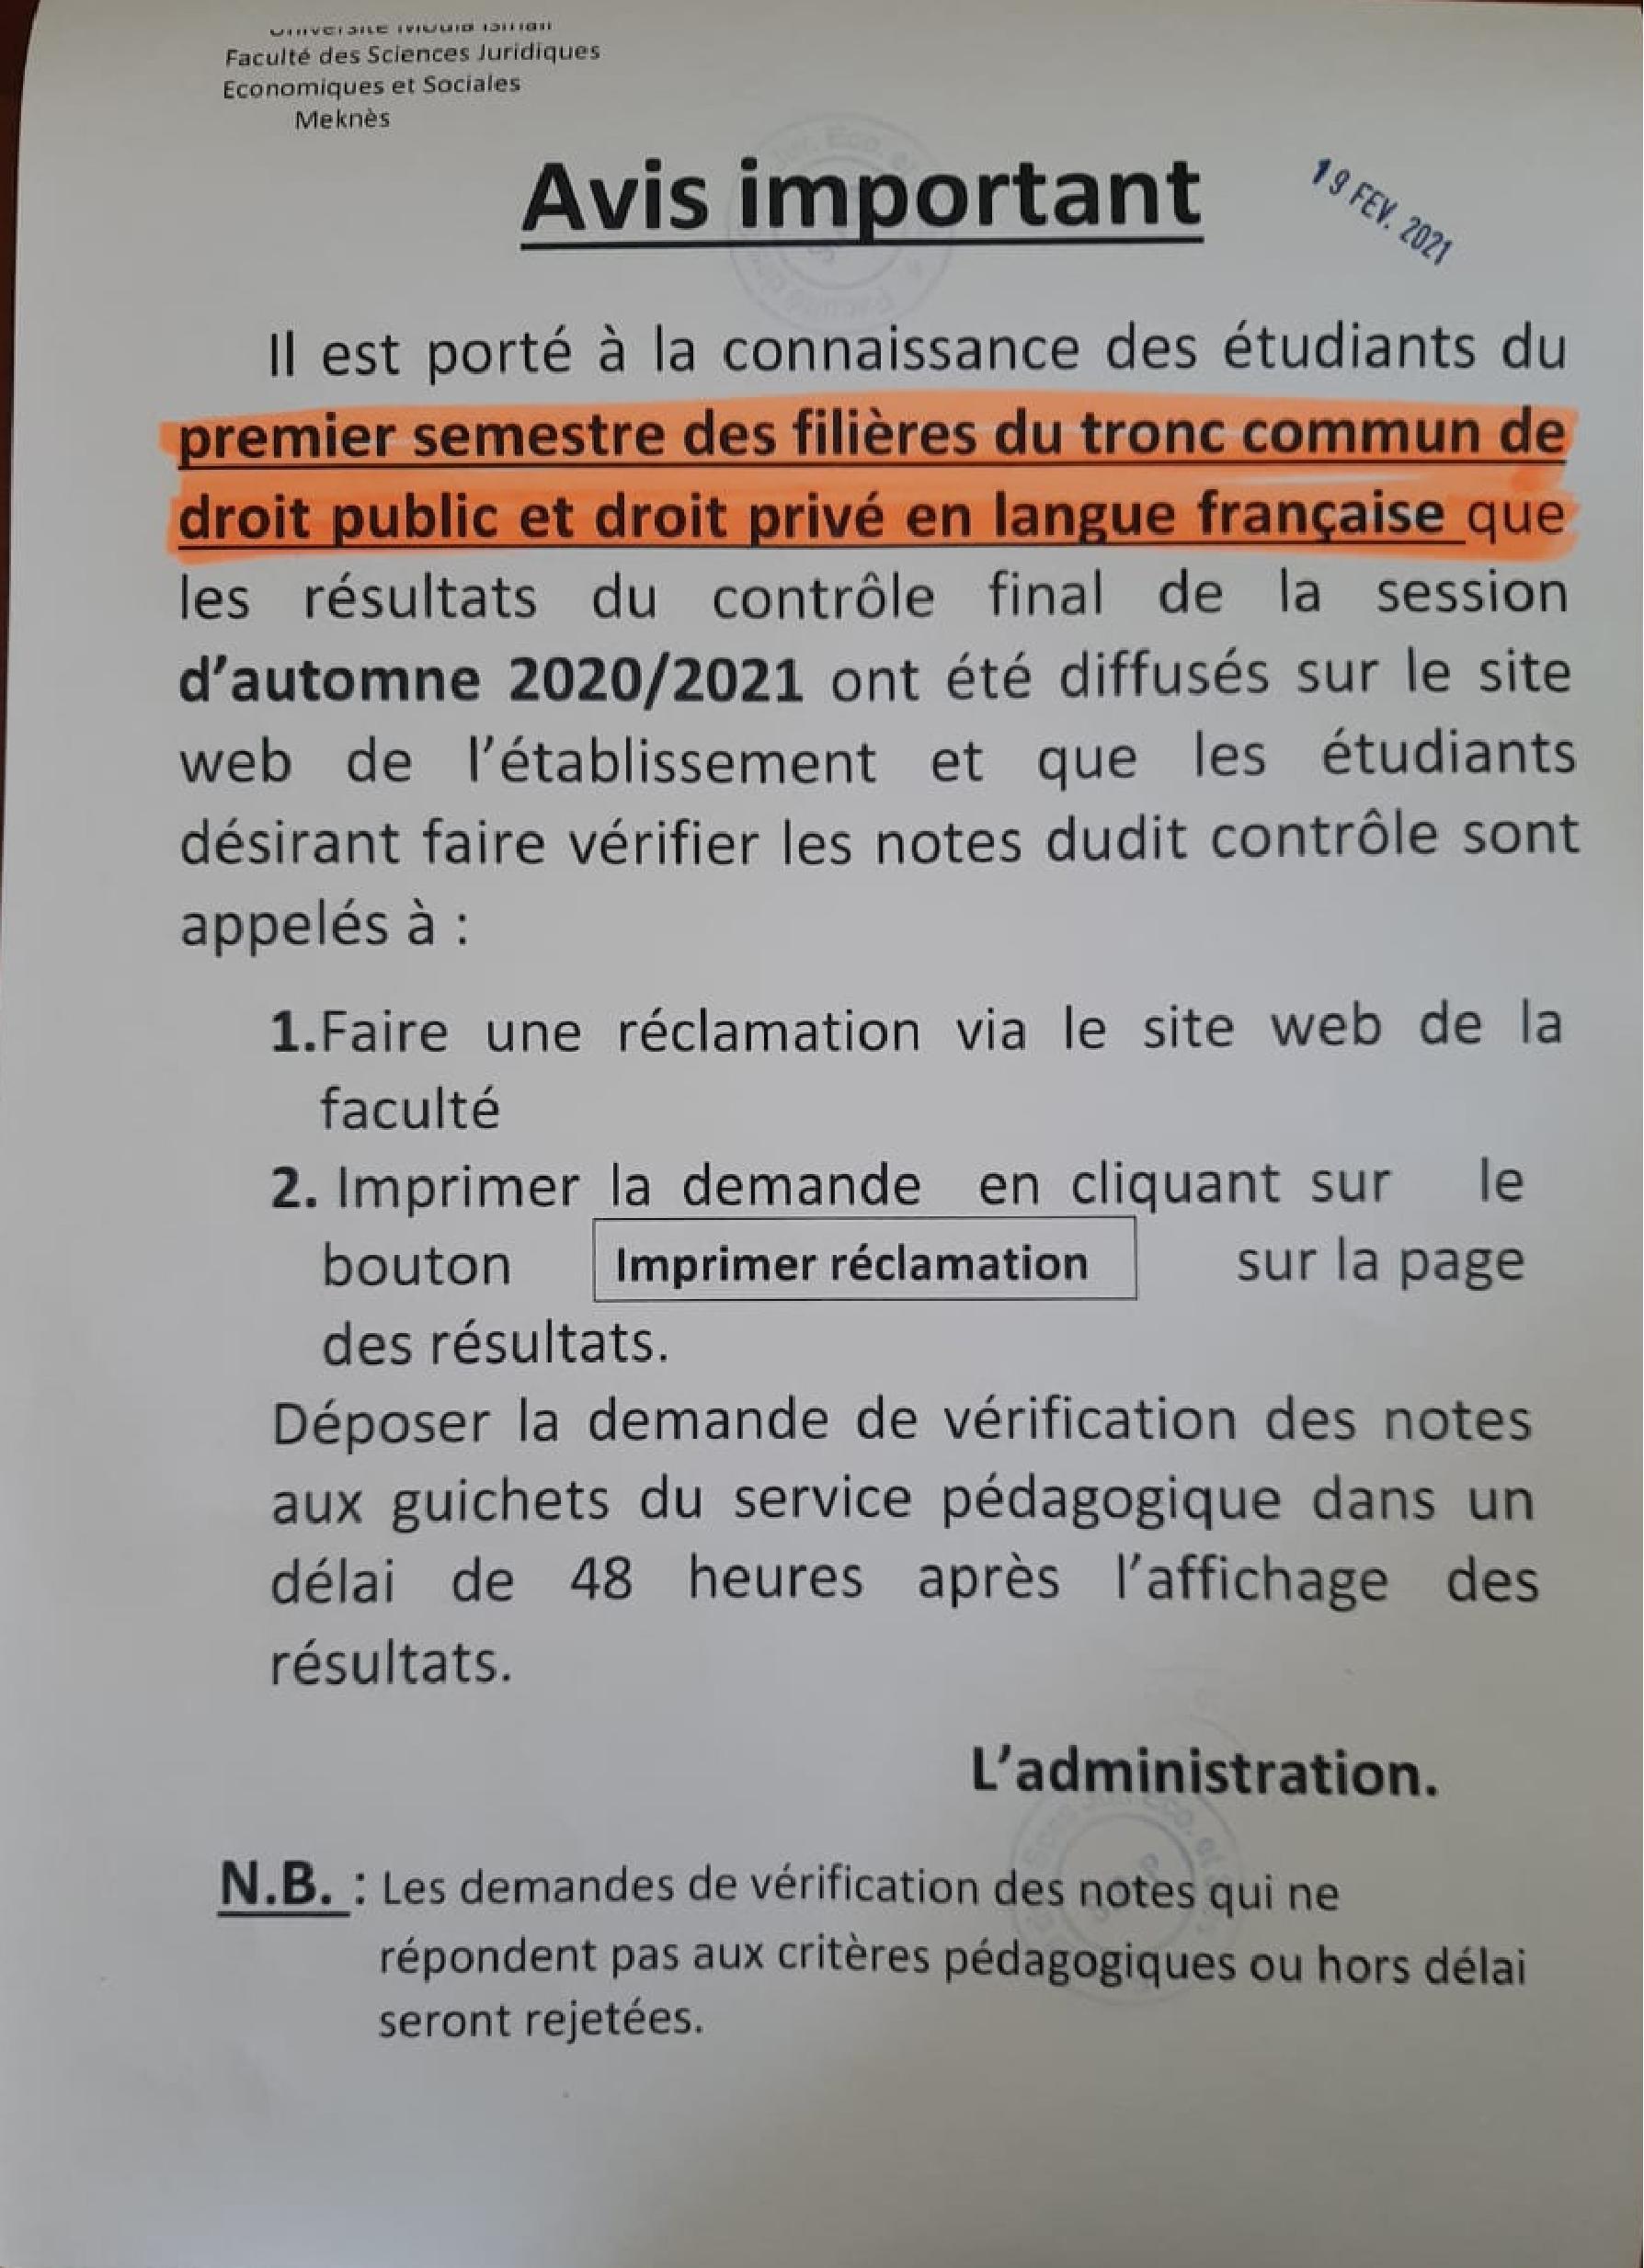 AVIS AUX ÉTUDIANTS DU PREMIER SEMESTRE DU TRONC COMMUN DE DROIT PUBLIC ET DROIT PRIVÉ EN LANGUE FRANÇAISE